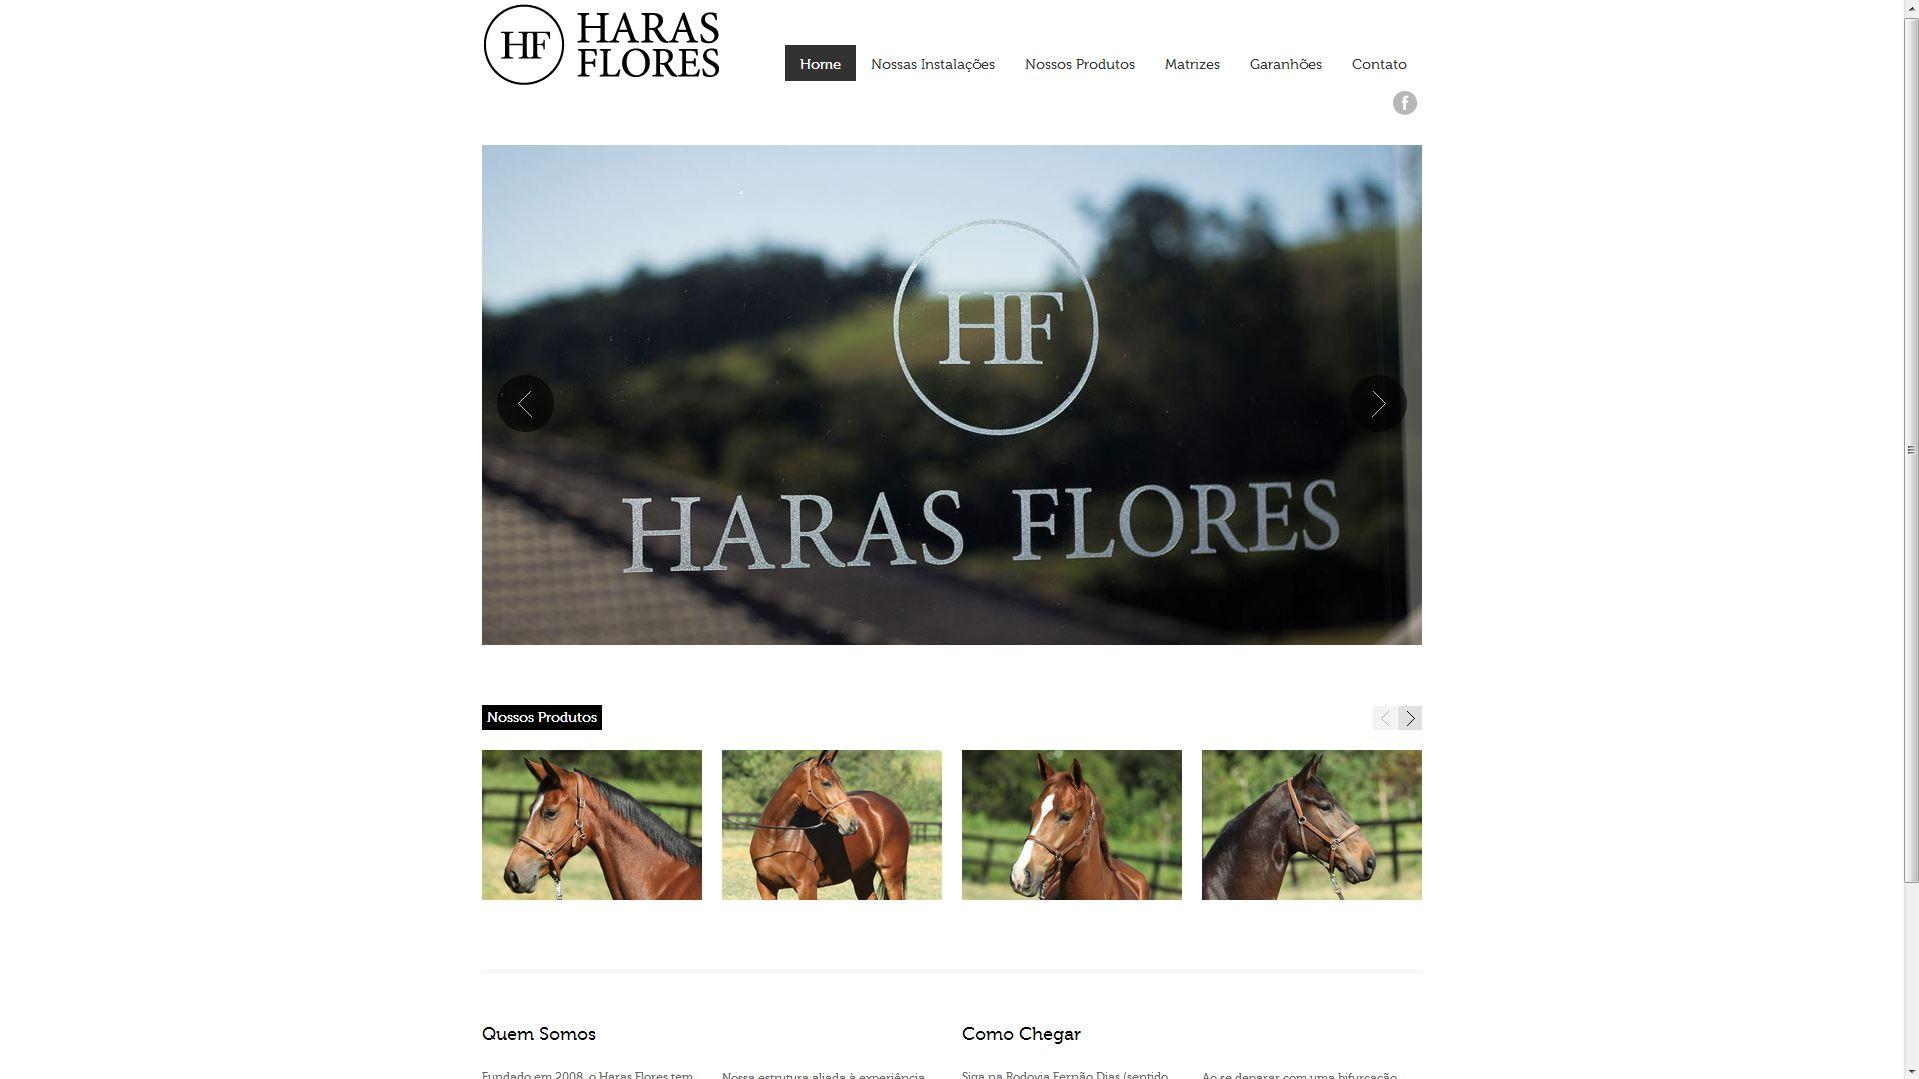 harasflores.com.br